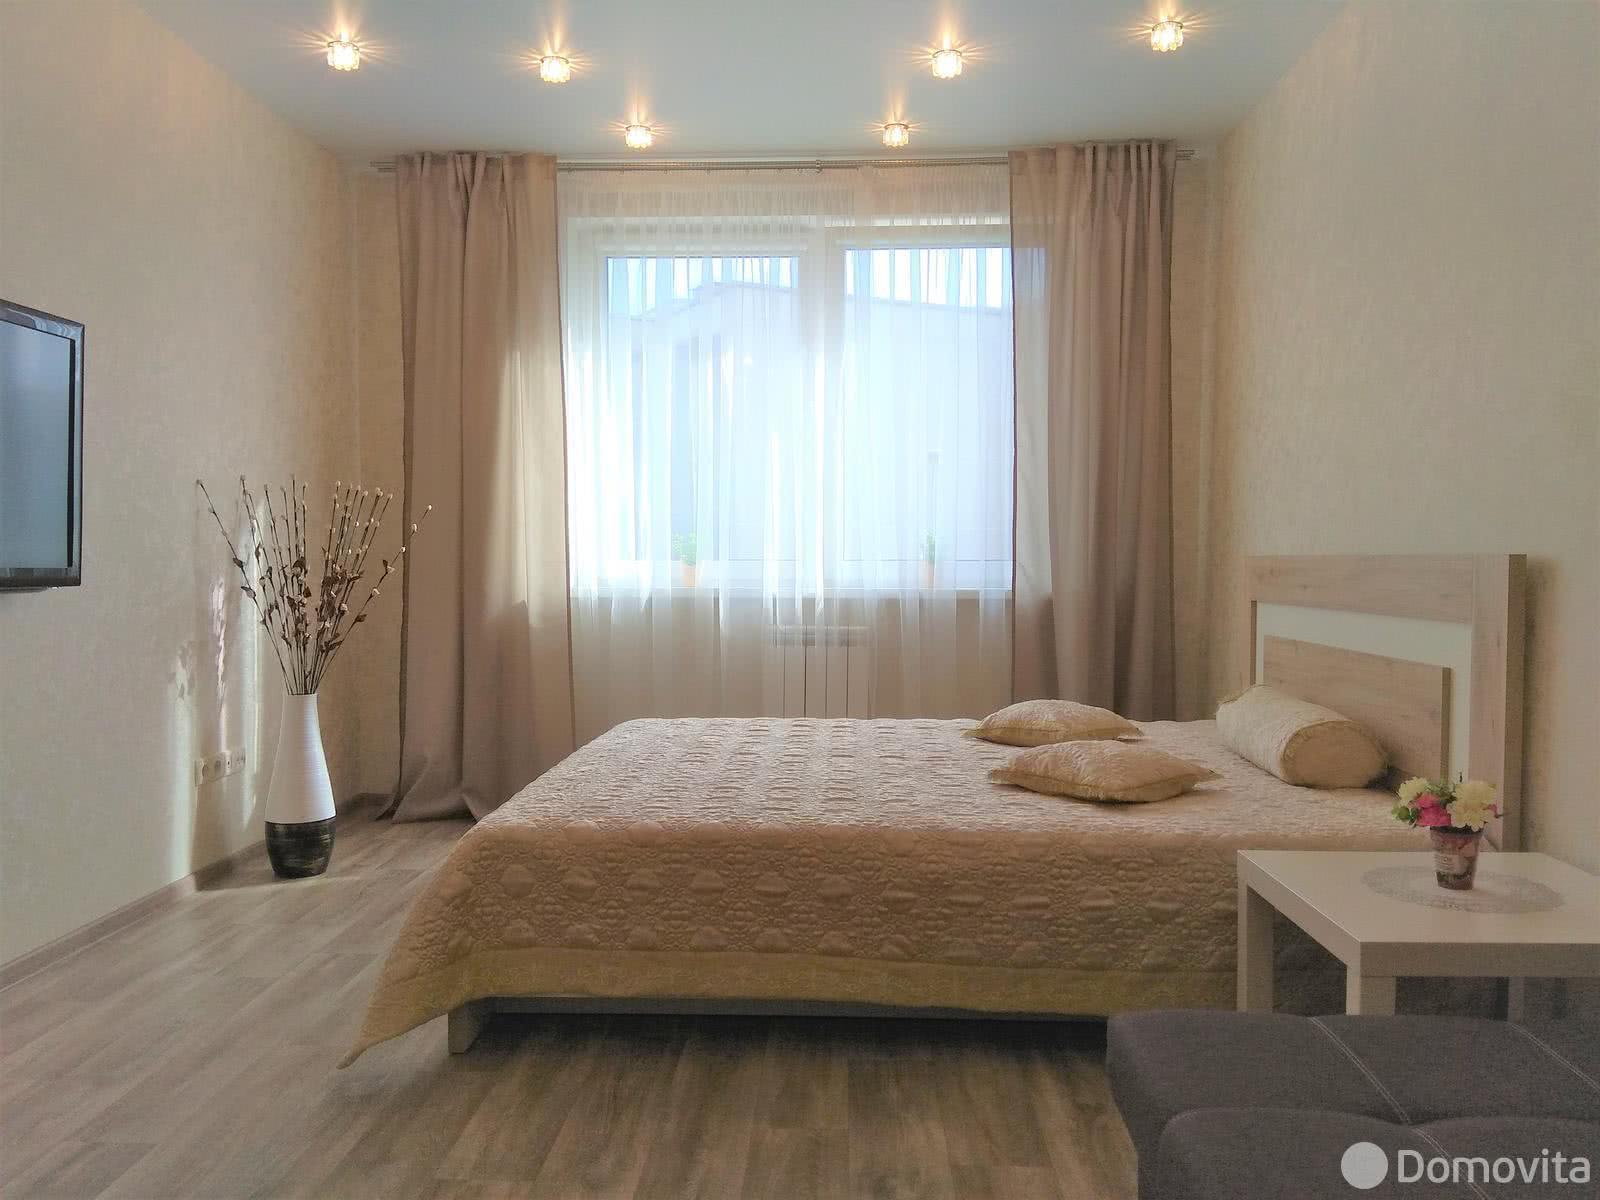 Аренда 1-комнатной квартиры на сутки в Минске ул. Притыцкого, д. 77 - фото 2